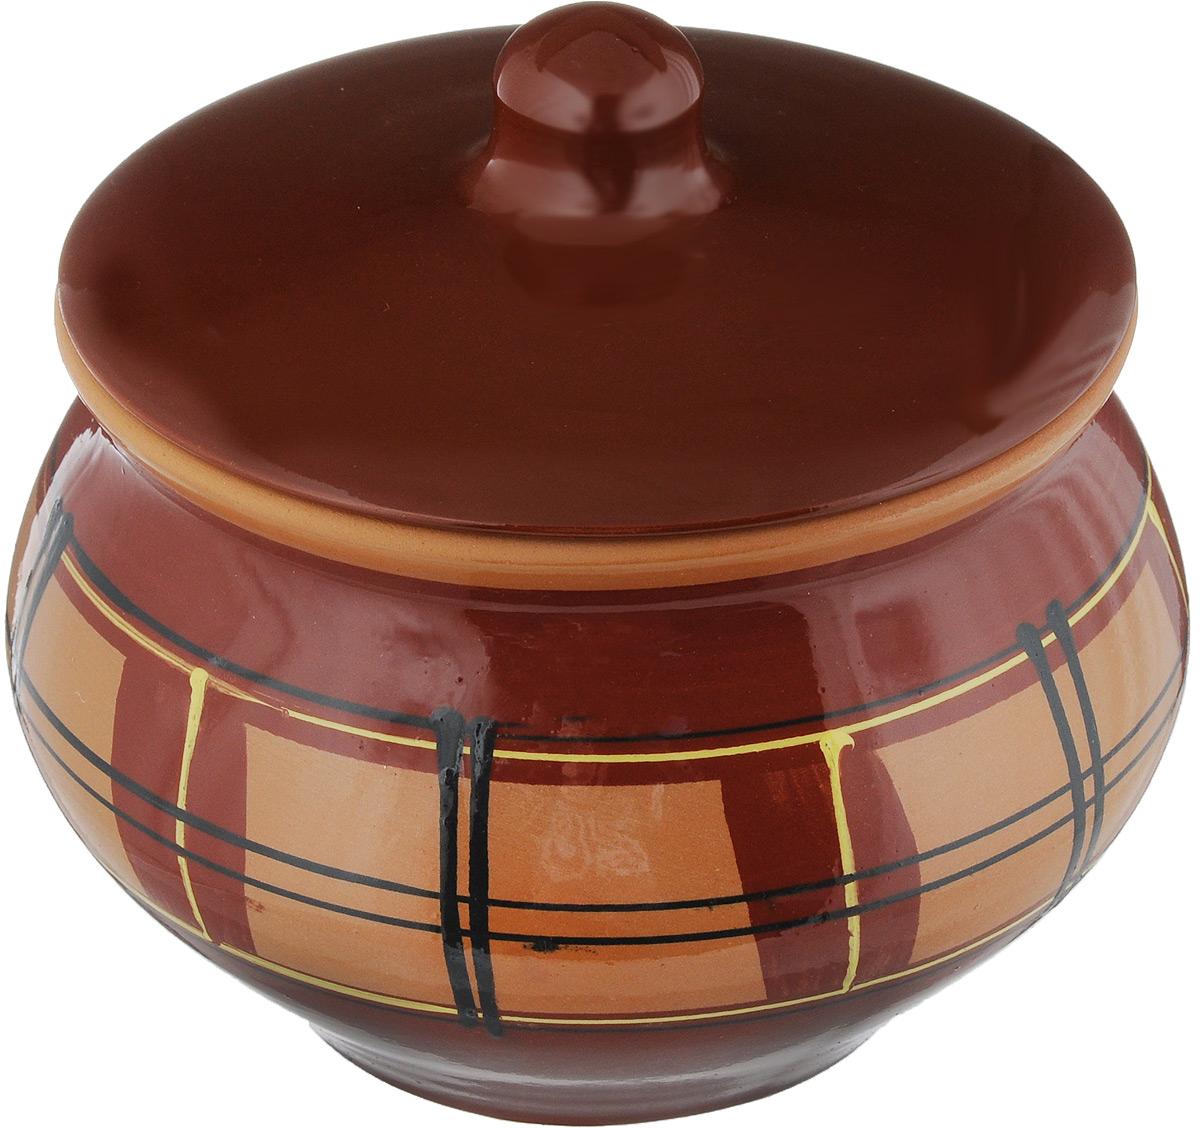 Горшок для жаркого Борисовская керамика Стандарт с крышкой, цвет: коричневый, темно-коричневый, 1,3 лОБЧ00000331_клетка, коричневый,Горшок для жаркого Борисовская керамика Стандарт выполнен из высококачественной керамики. Внутренняя и внешняя поверхность покрыты глазурью. Керамика абсолютно безопасна, поэтому изделие придется по вкусу любителям здоровой и полезной пищи. Горшок для жаркого с крышкой очень вместителен и имеет удобную форму. Уникальные свойства красной глины и толстые стенки изделия обеспечивают эффект русской печи при приготовлении блюд. Это значит, что еда будет очень вкусной, сочной и здоровой.Посуда жаропрочная. Можно использовать в духовке и микроволновой печи.Диаметр горшка (по верхнему краю): 15 см. Высота: 12 см.